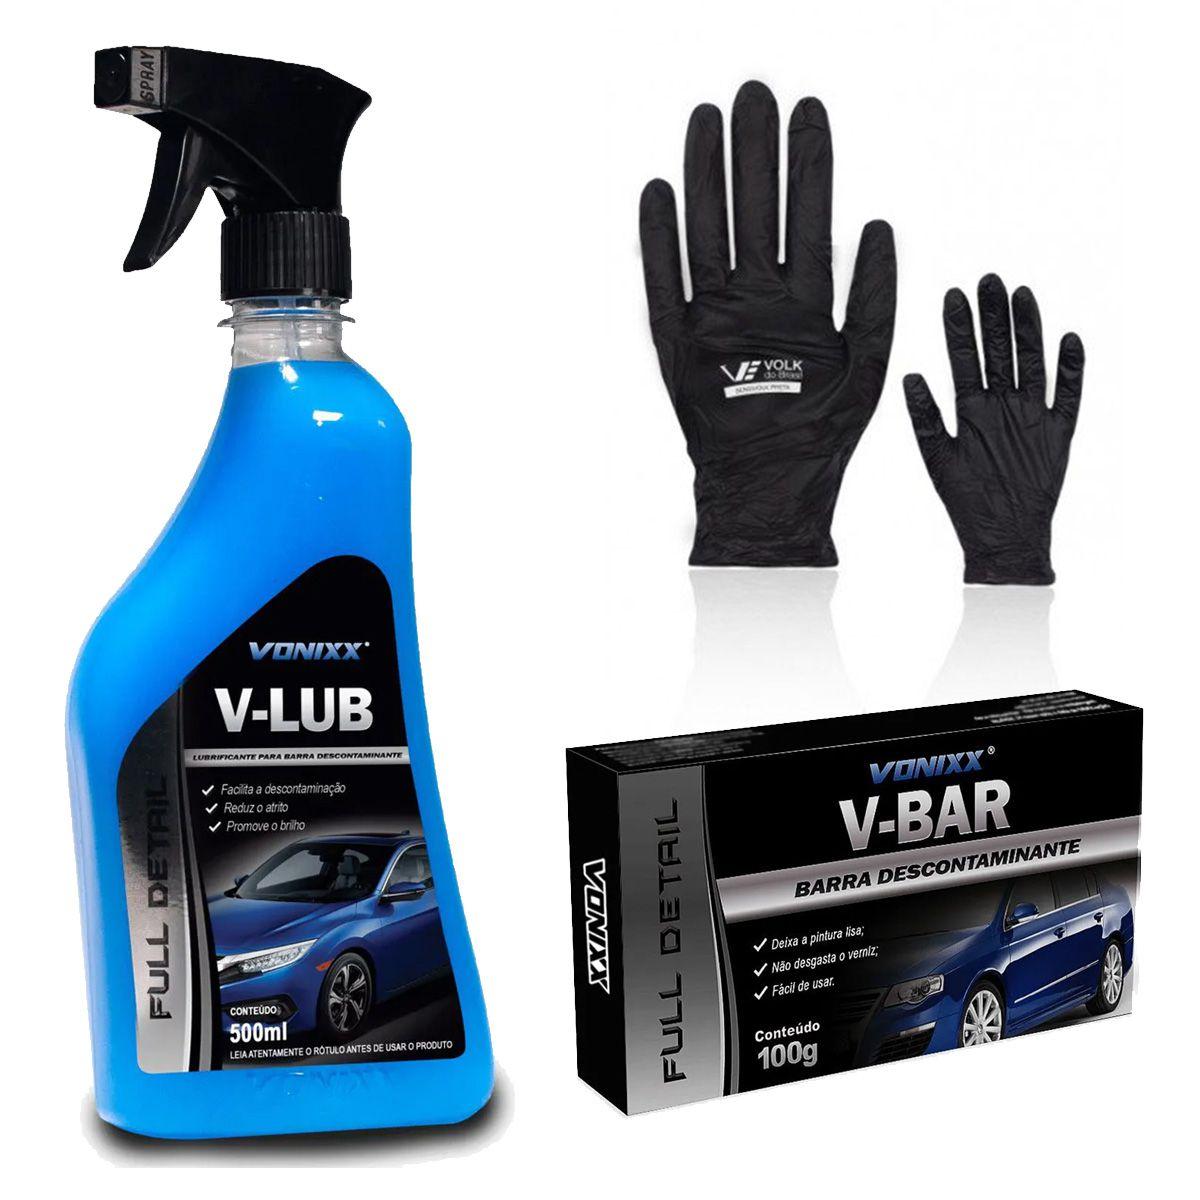 Kit de Descontaminação para Pintura V-Lub + V-Bar + Luva Sensivolk